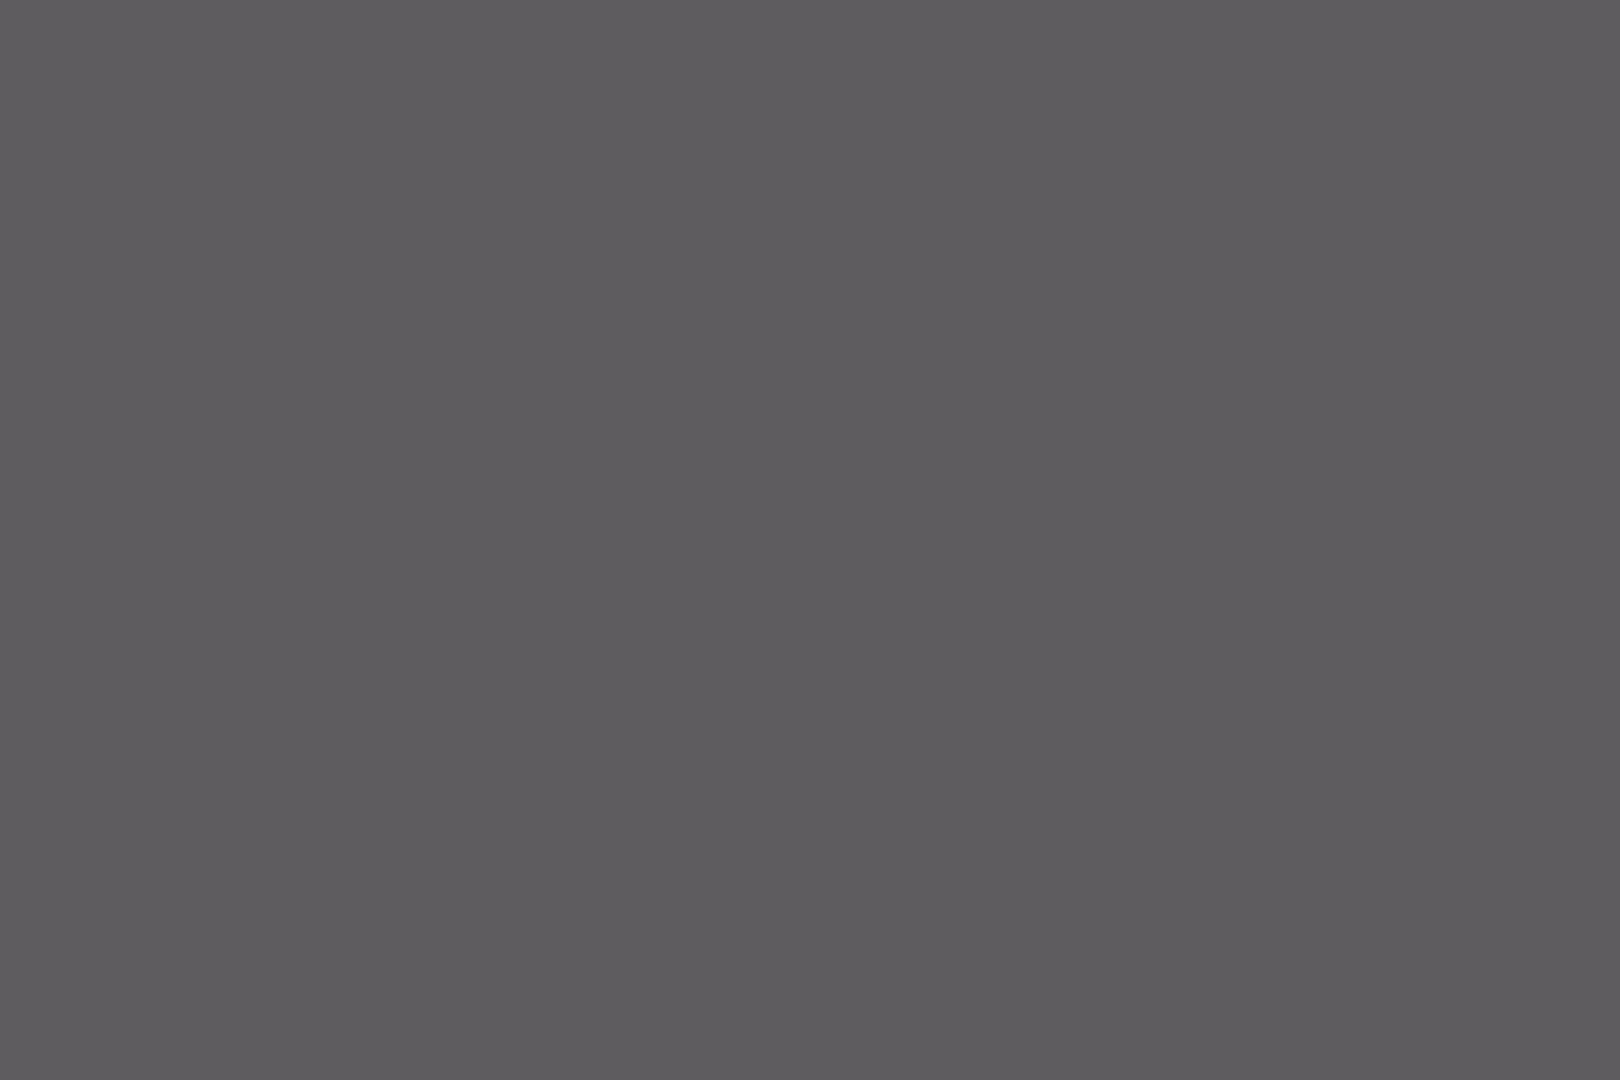 「充血監督」さんの深夜の運動会!! vol.009 カップルのセックス | OL  32連発 30